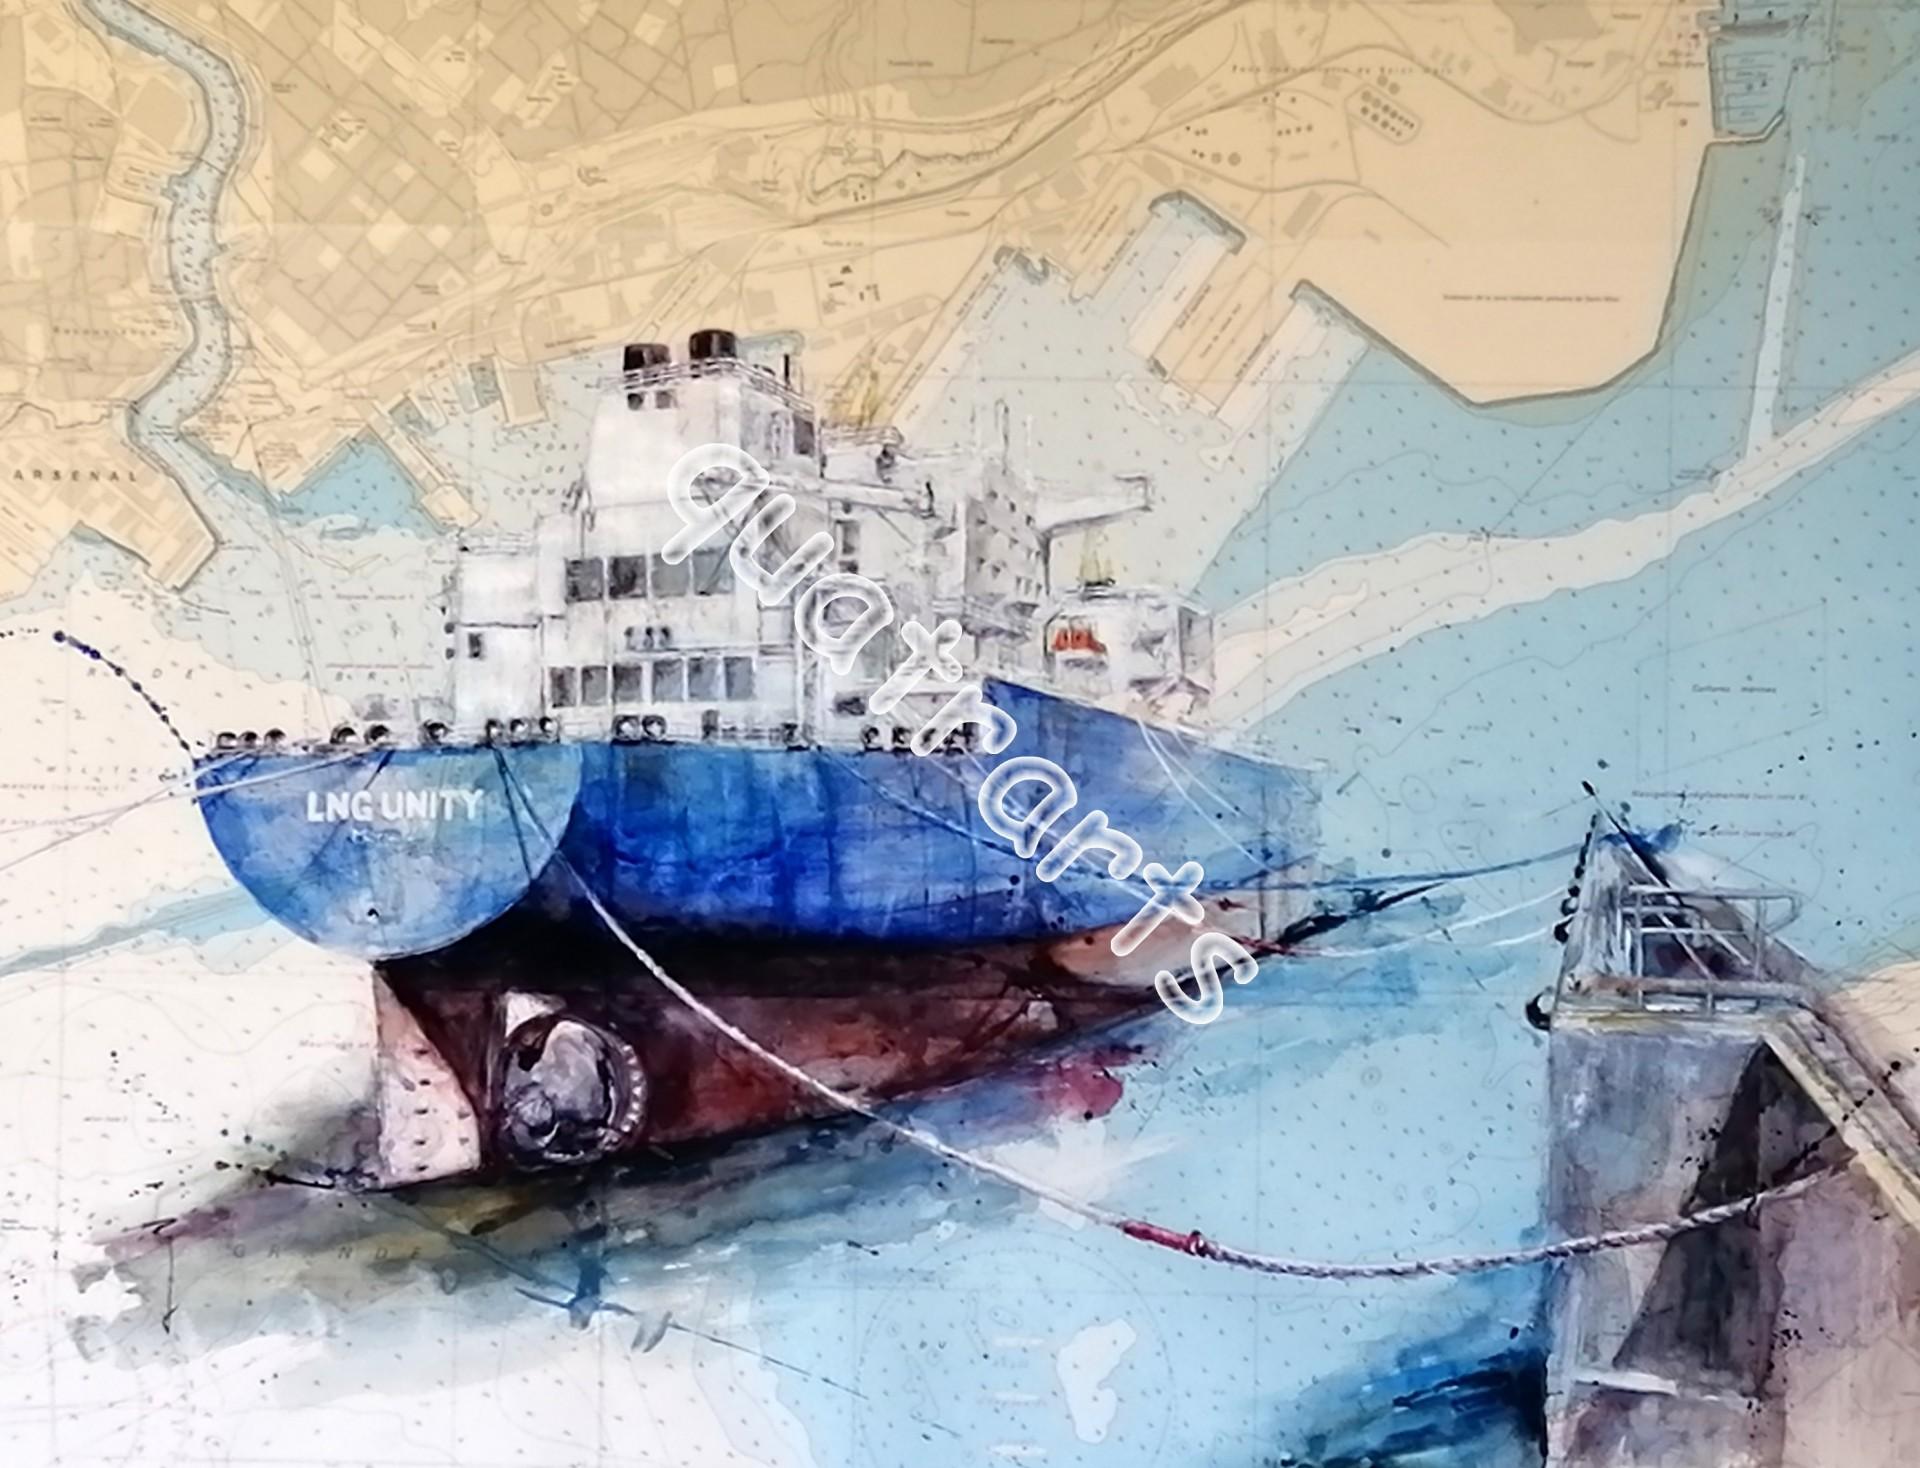 LNG Unity aquarelle sur commande- vendue- juin 2020